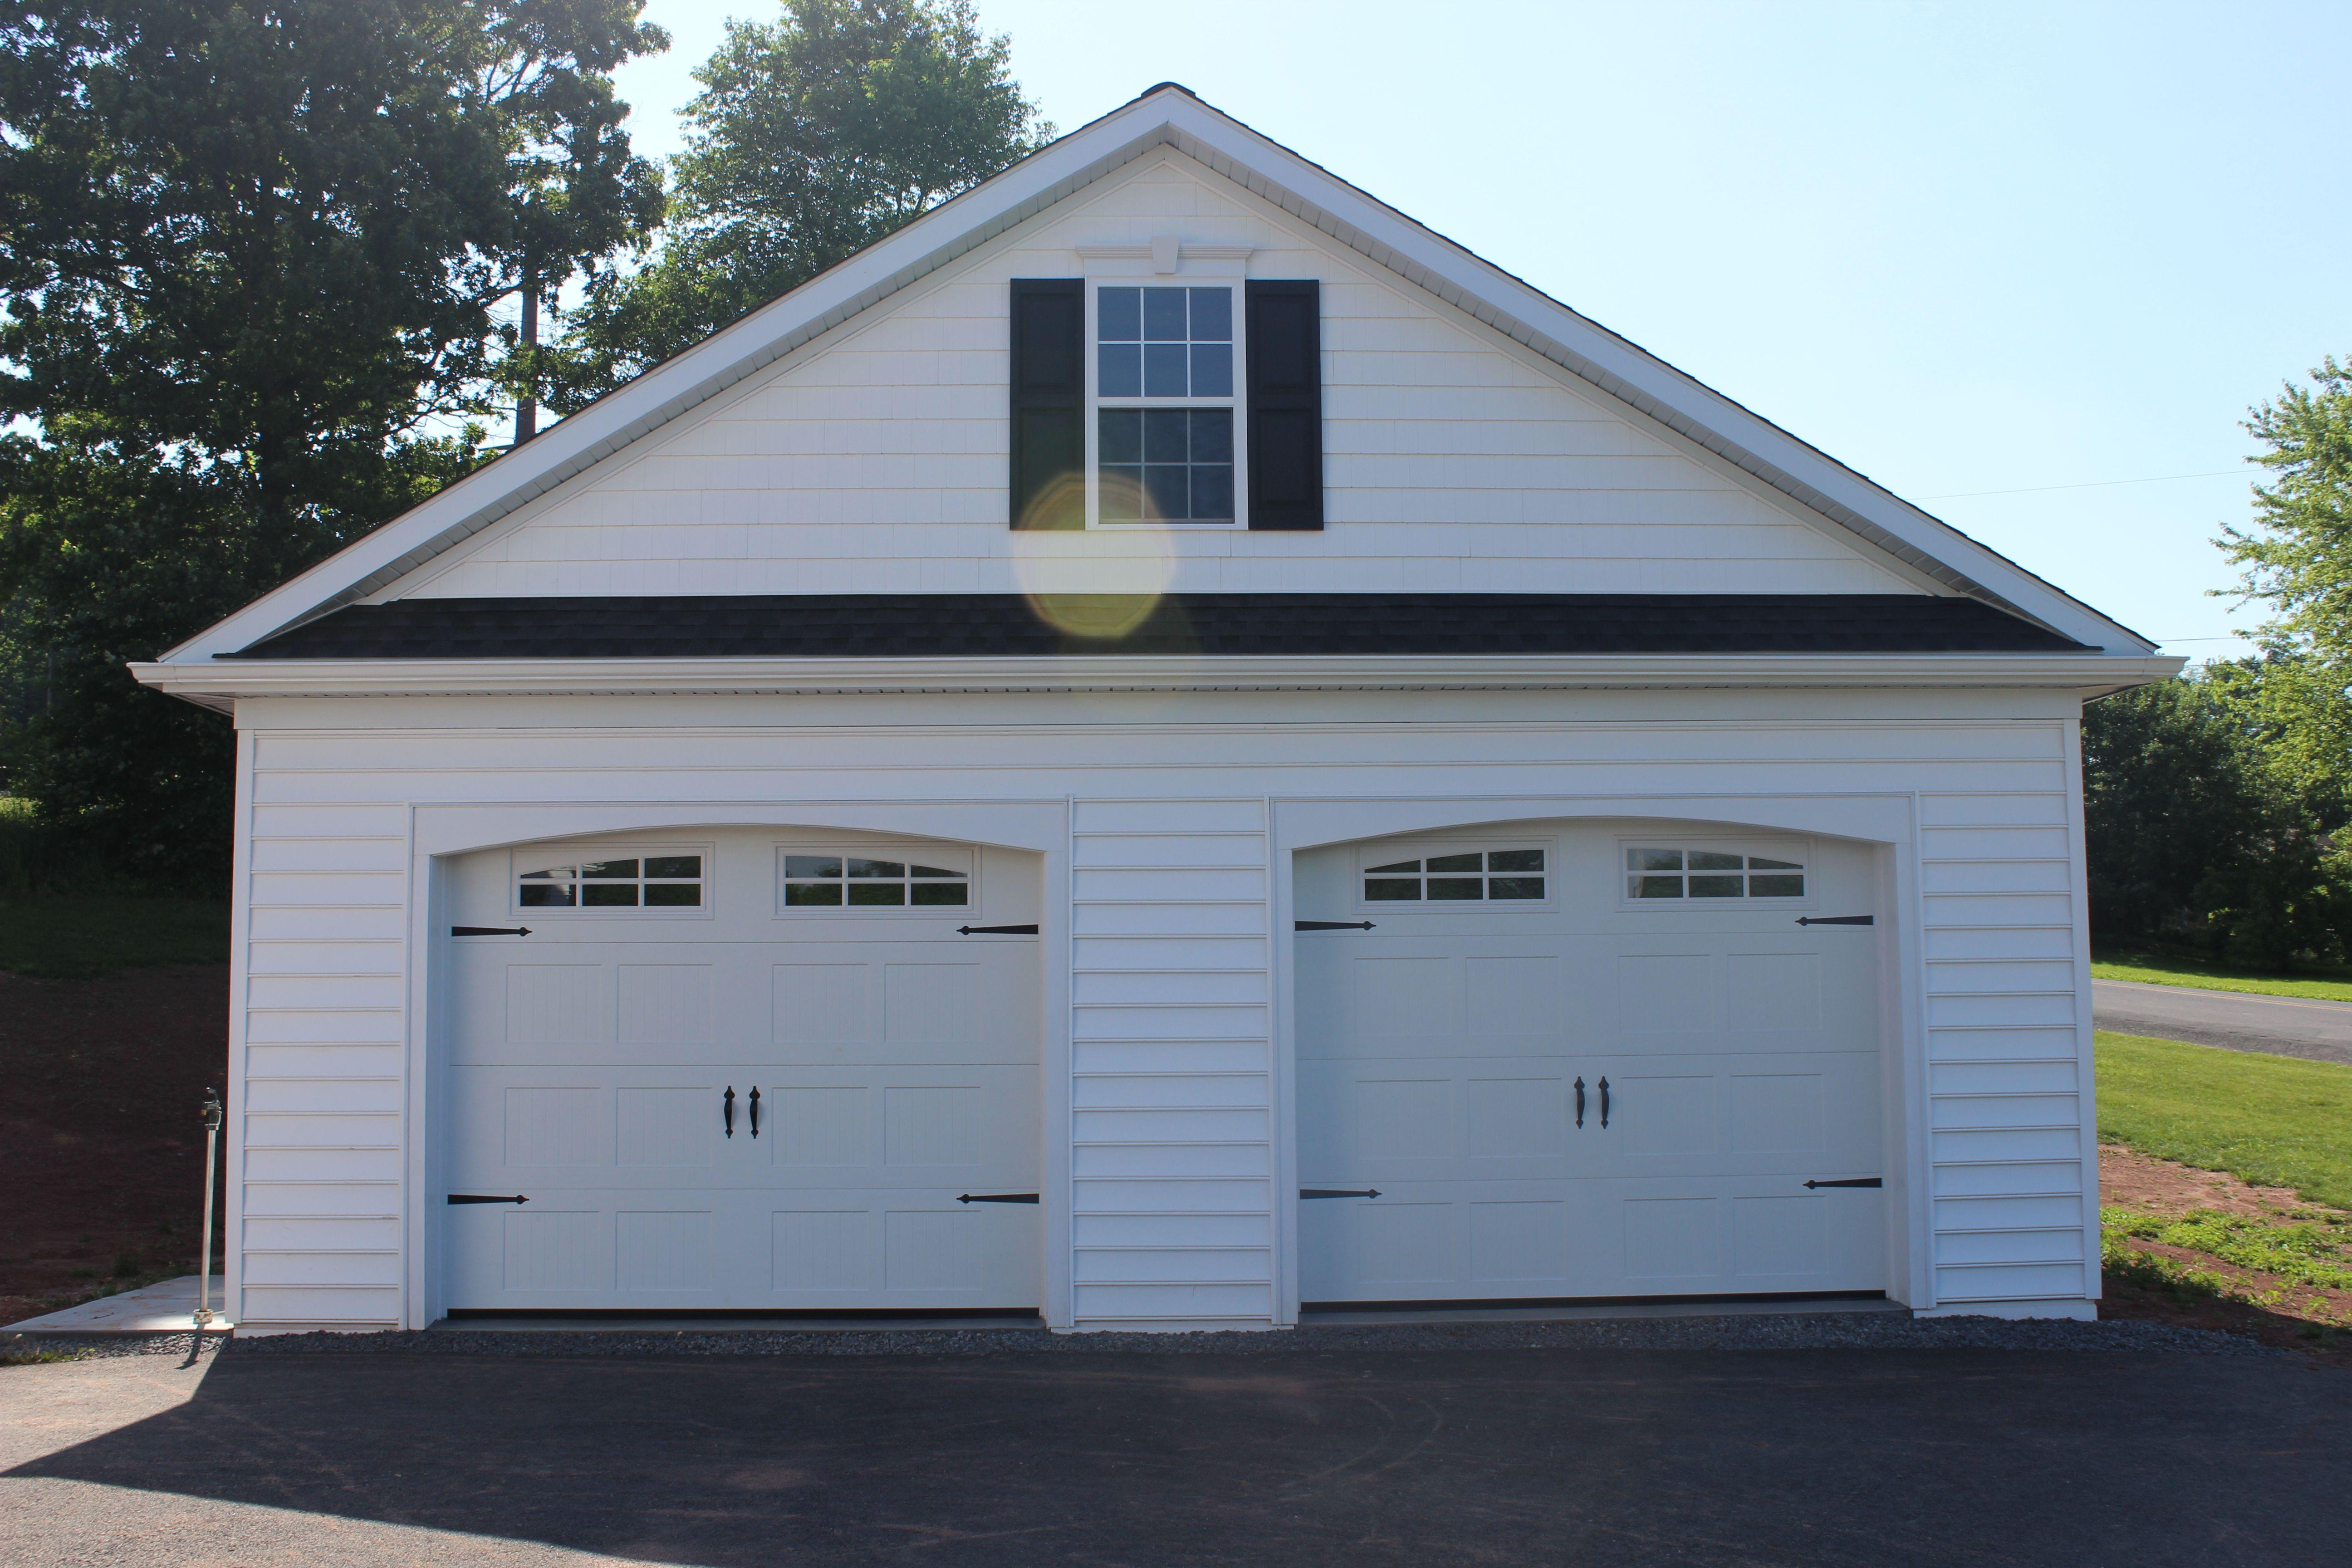 Pole Barn Kits Garage door design, Barn kits, Pole barn kits